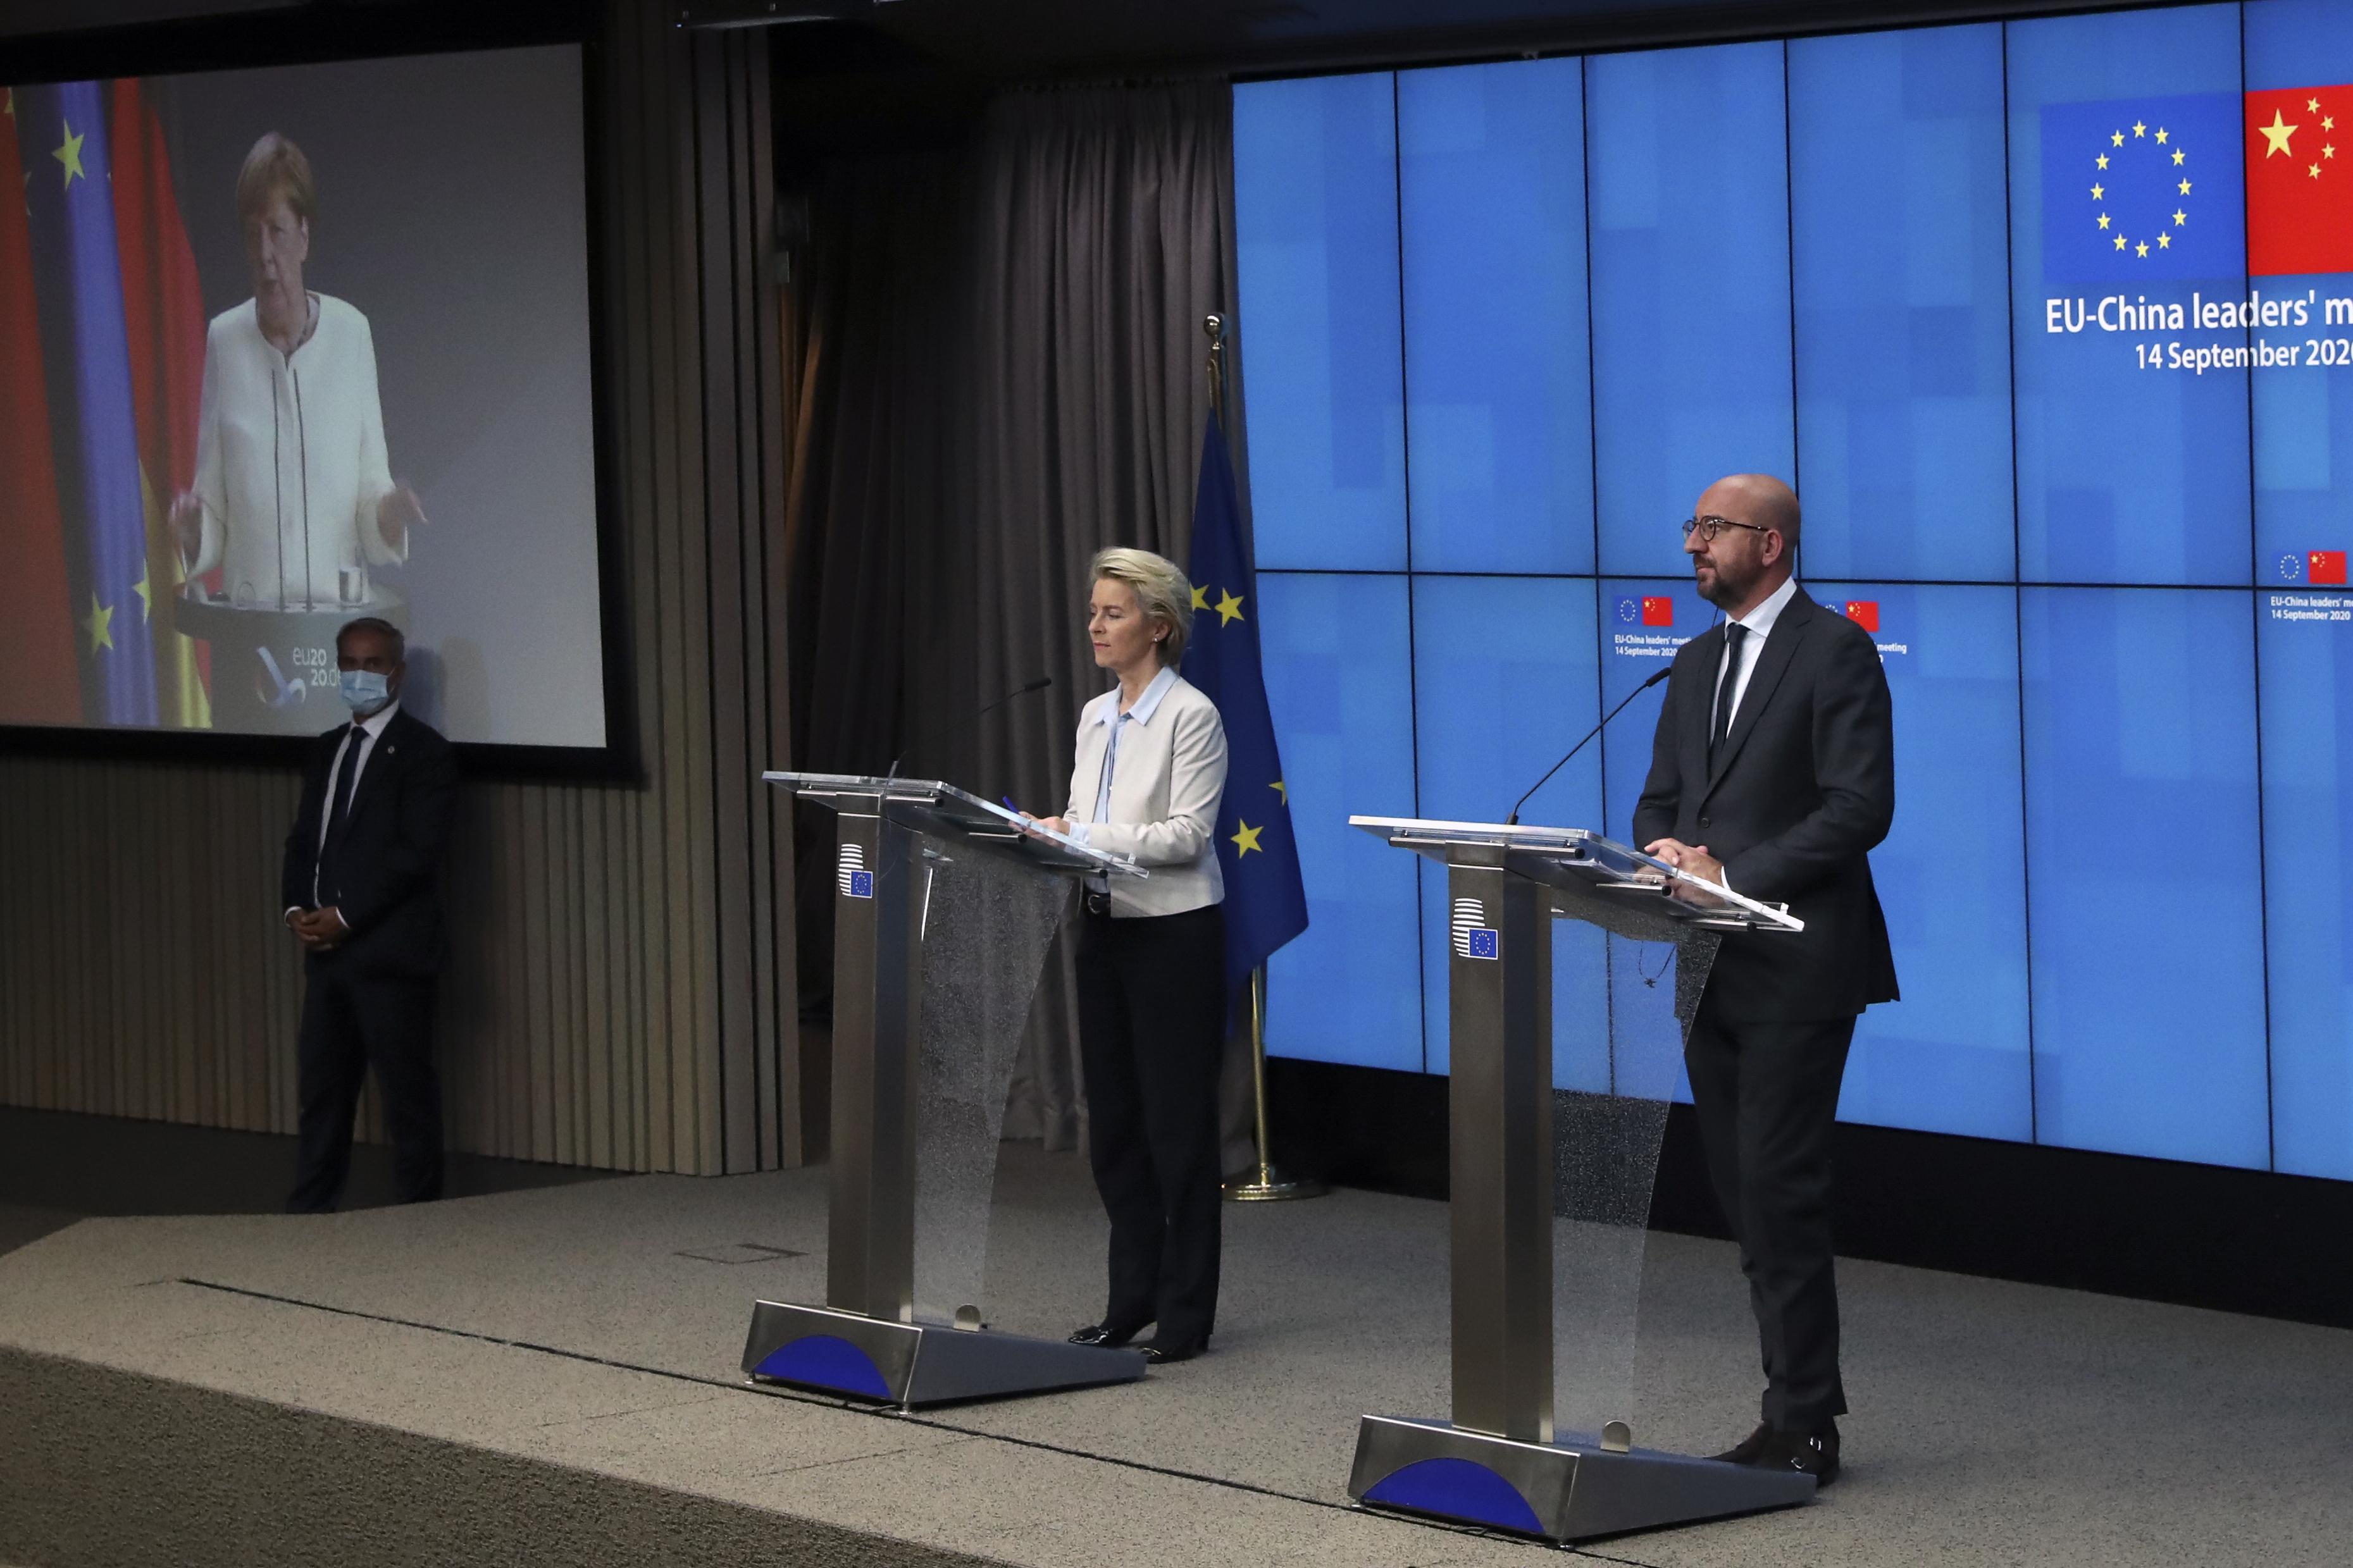 中歐在峰會上交鋒 歐盟步步緊逼習近平